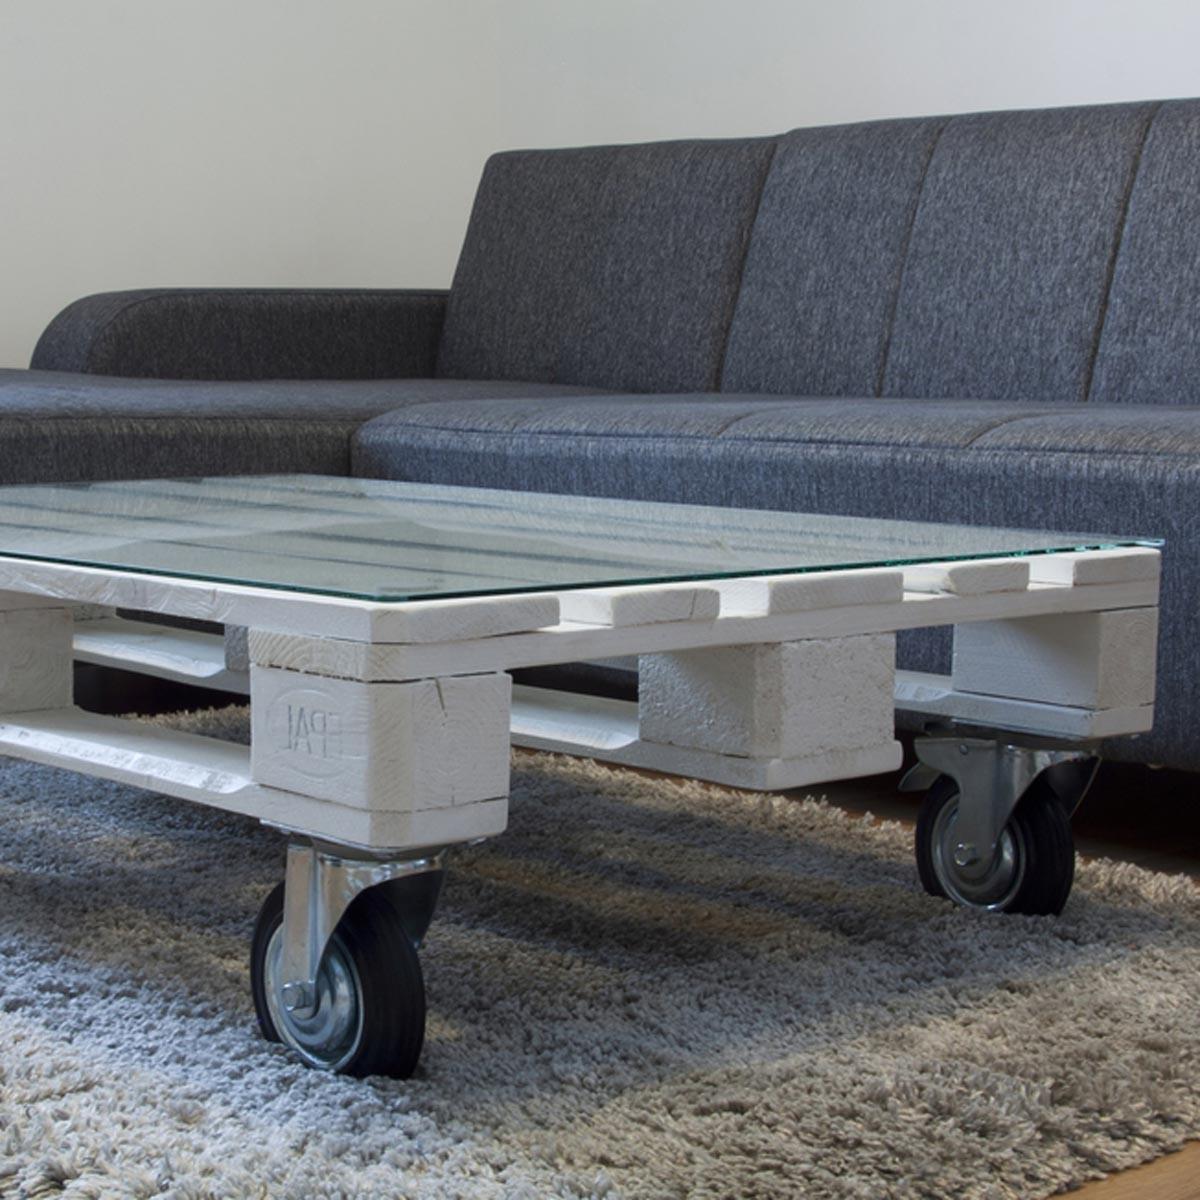 Table basse en palette blanche avec roues pivotantes.